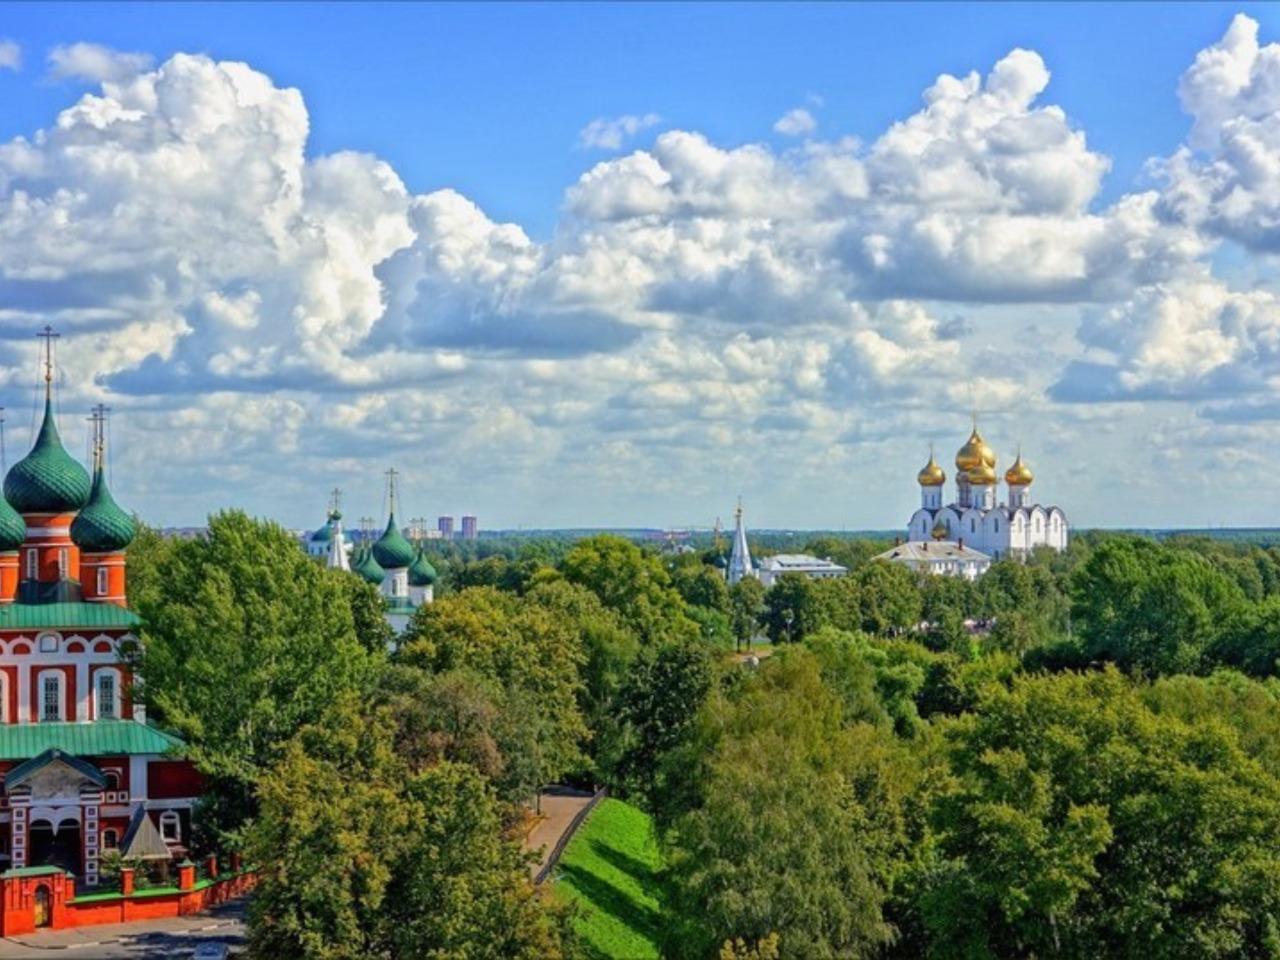 Экскурсия по православным храмам Ярославля - индивидуальная экскурсия в Ярославле от опытного гида